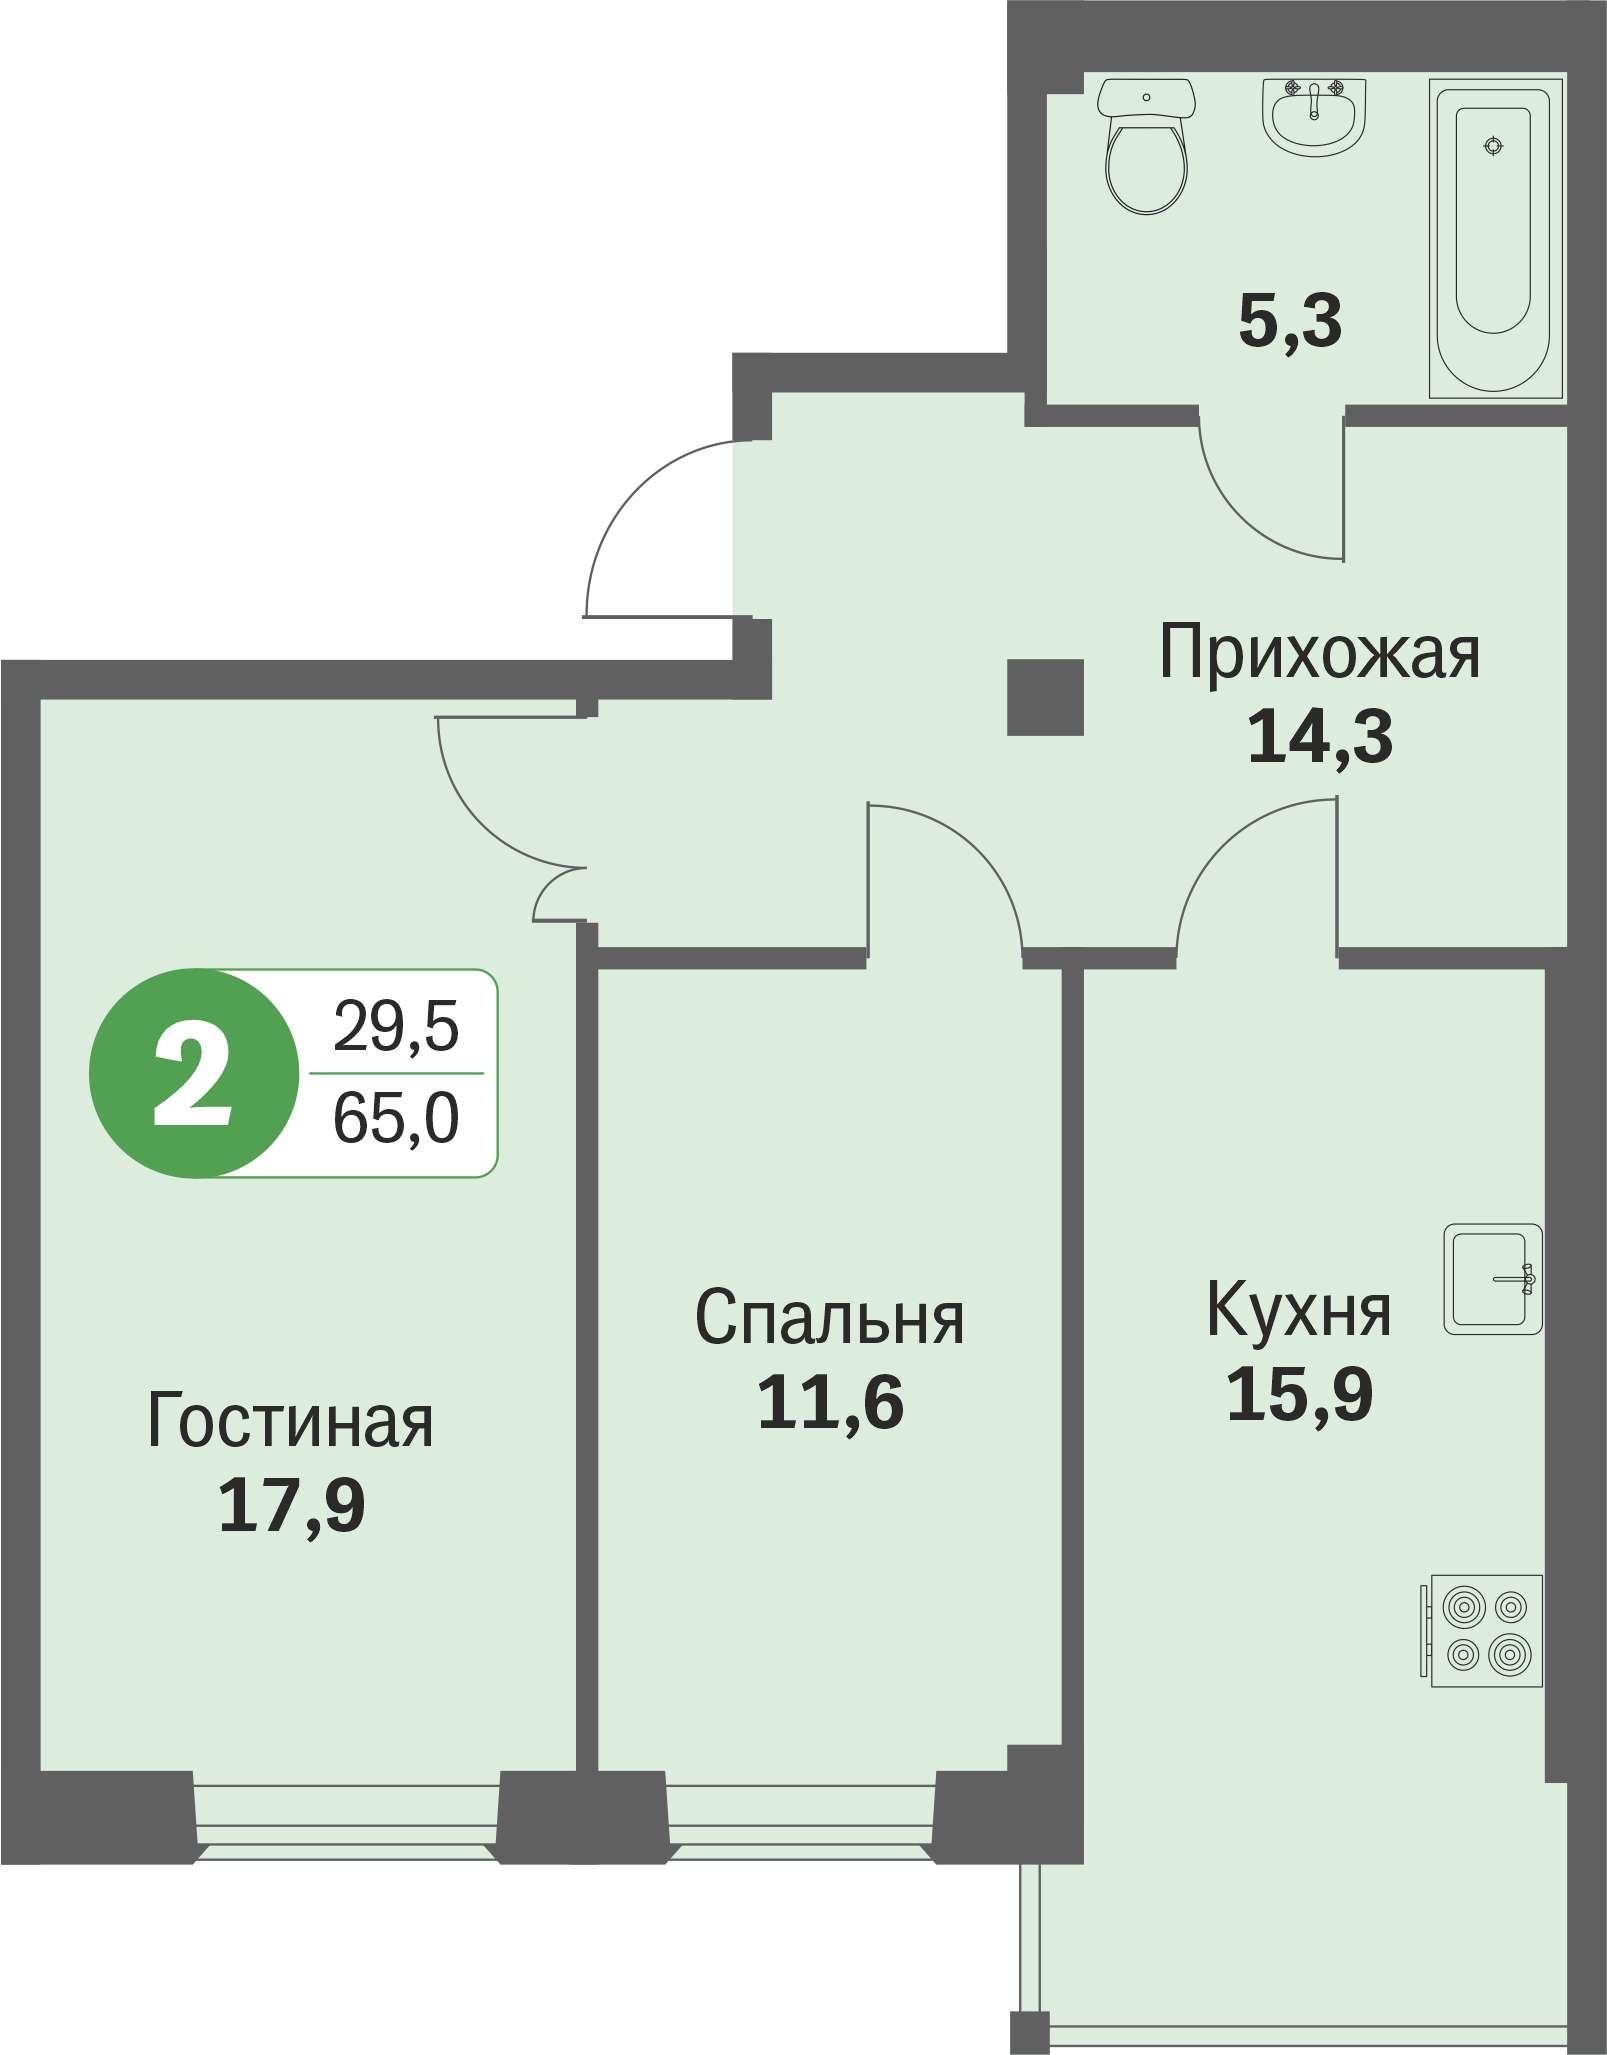 ул. Свиридова, 14, квартира 214 - Двухкомнатная